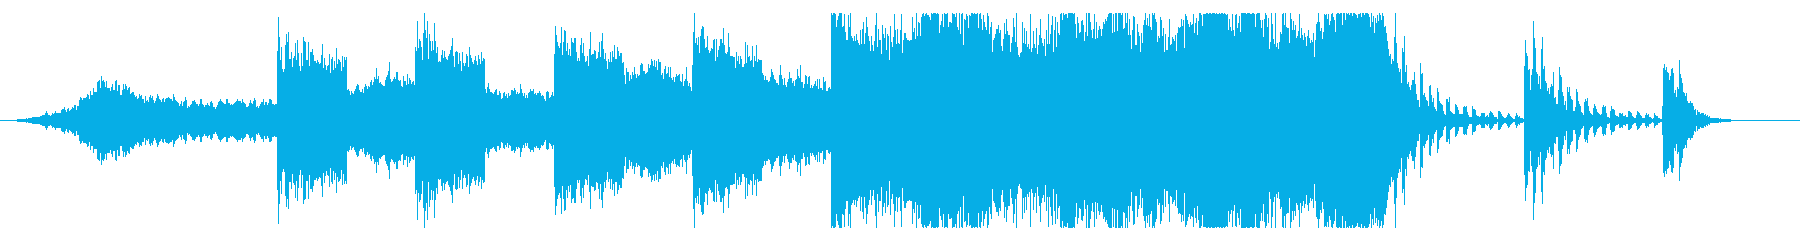 実験的 神経質 エーテル 淡々 テ...の再生済みの波形